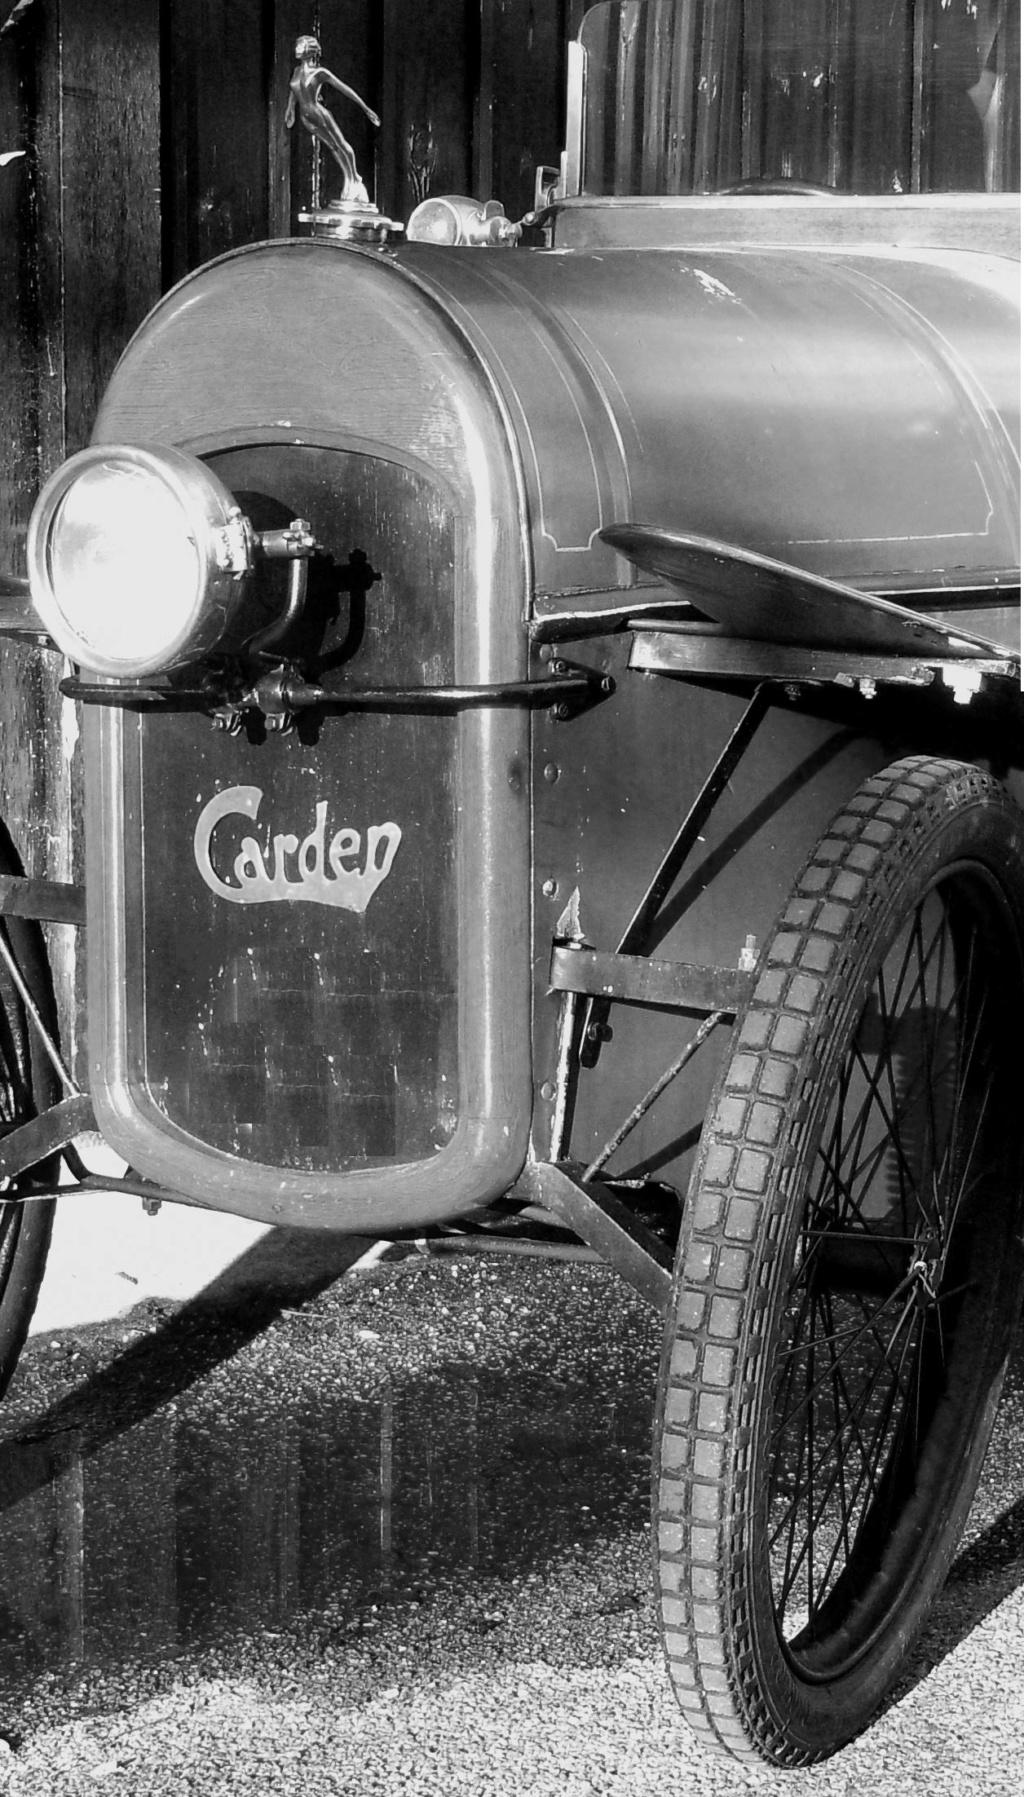 Carden Cyclecar 3168